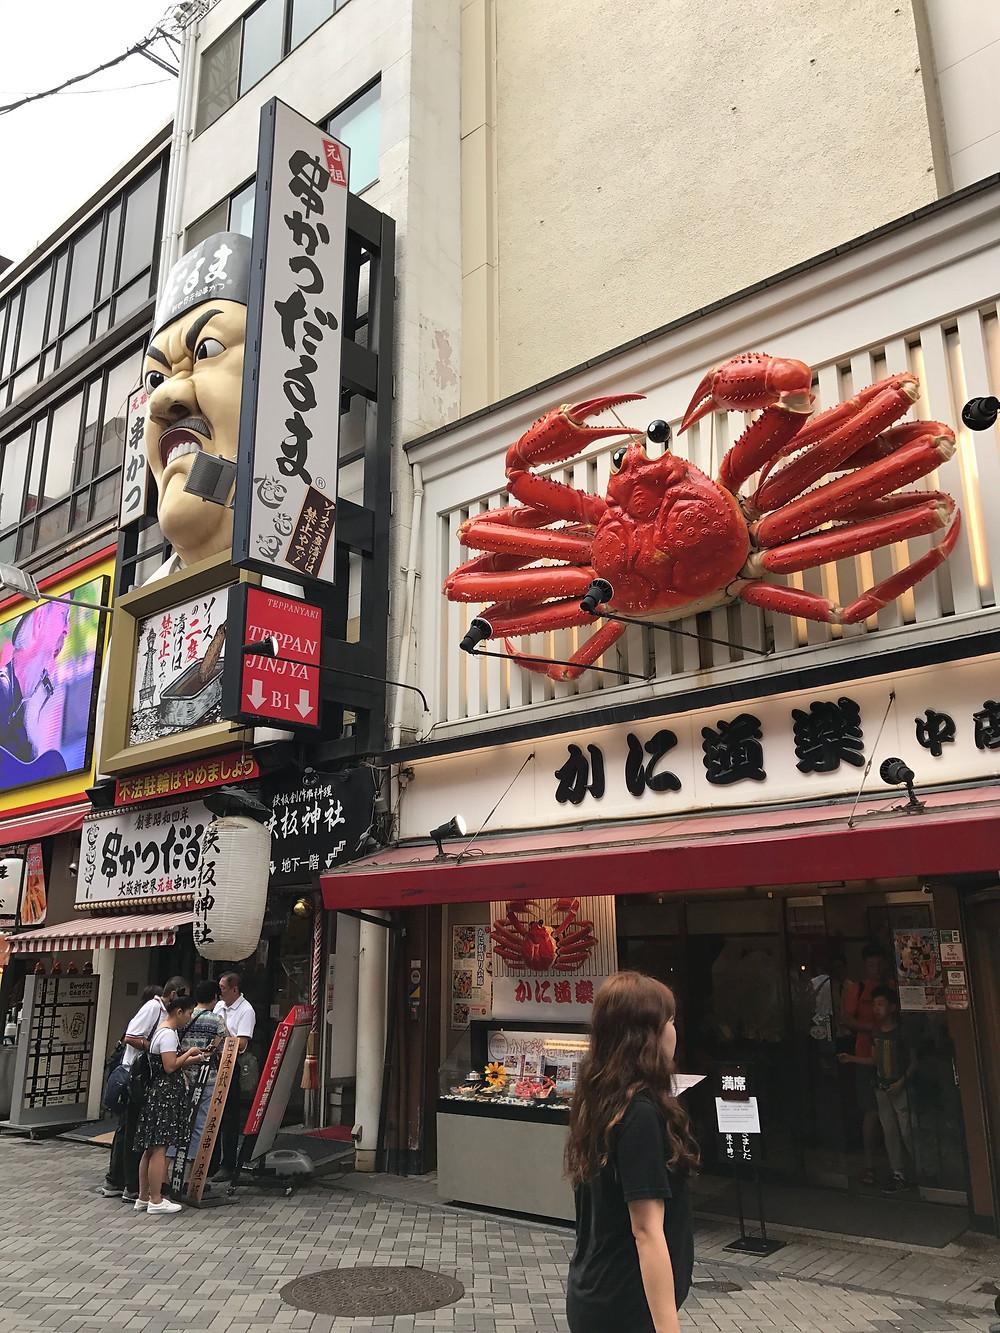 Osaka food everywhere in Dotonbori